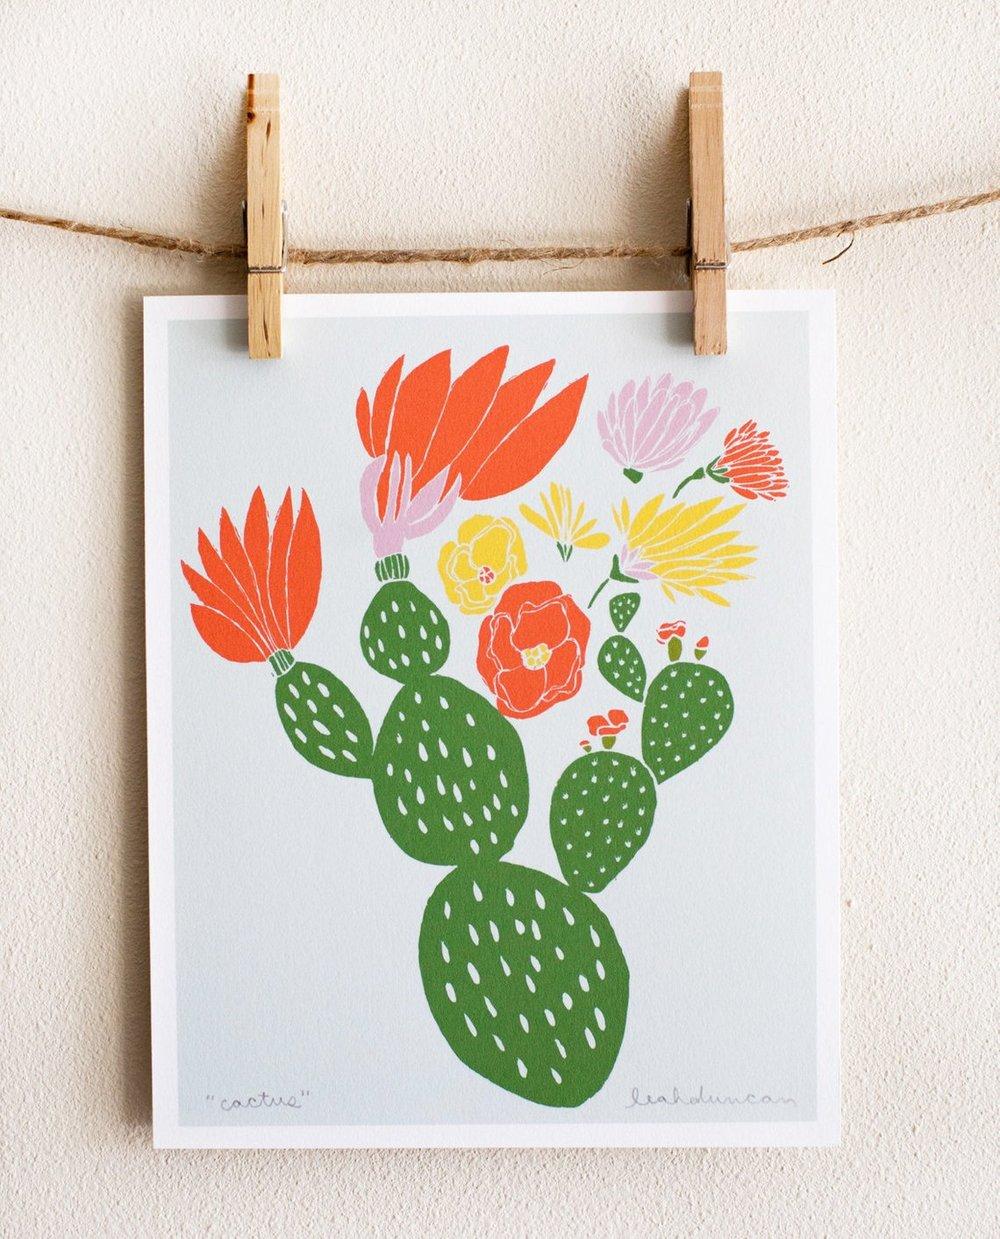 Cactus Print By LeahDuncan